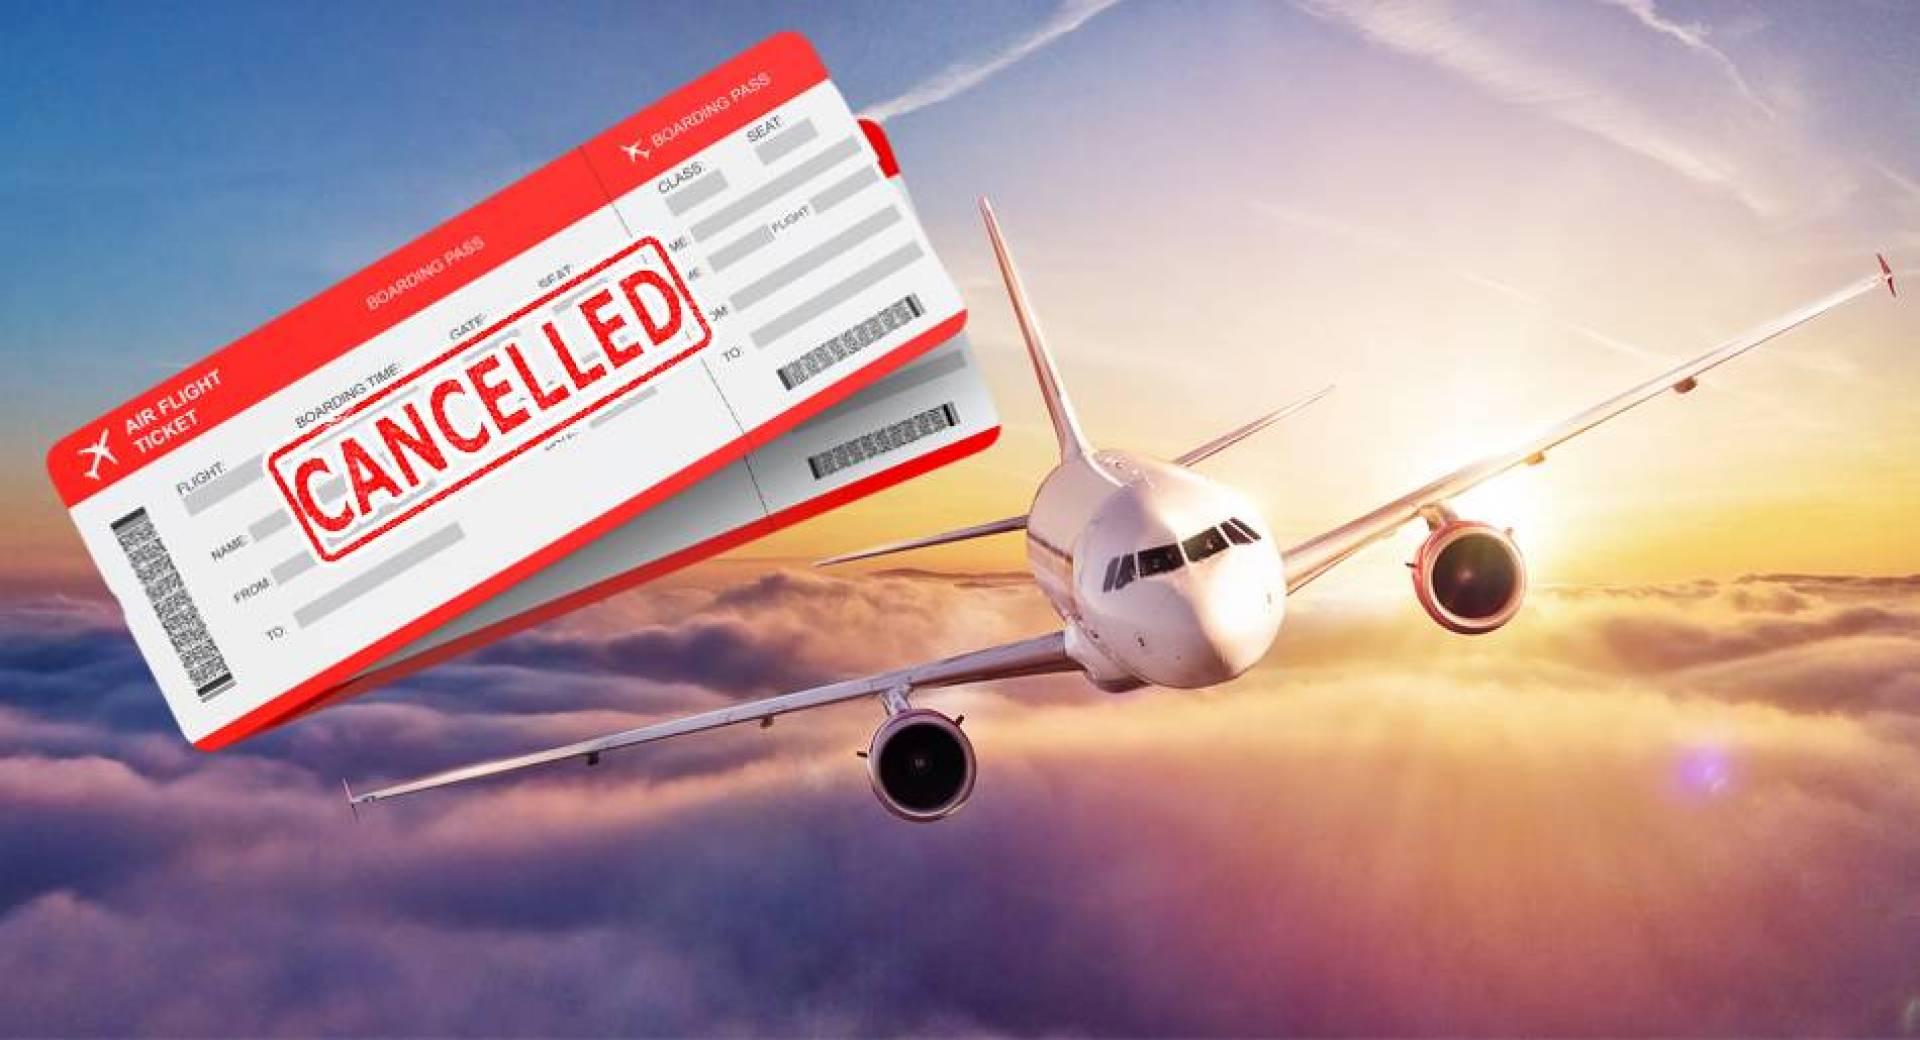 مصدر لـ«القبس»: إلغاء 10 آلاف تذكرة.. بعد قرار منع دخول مواطني 31 دولة إلى الكويت